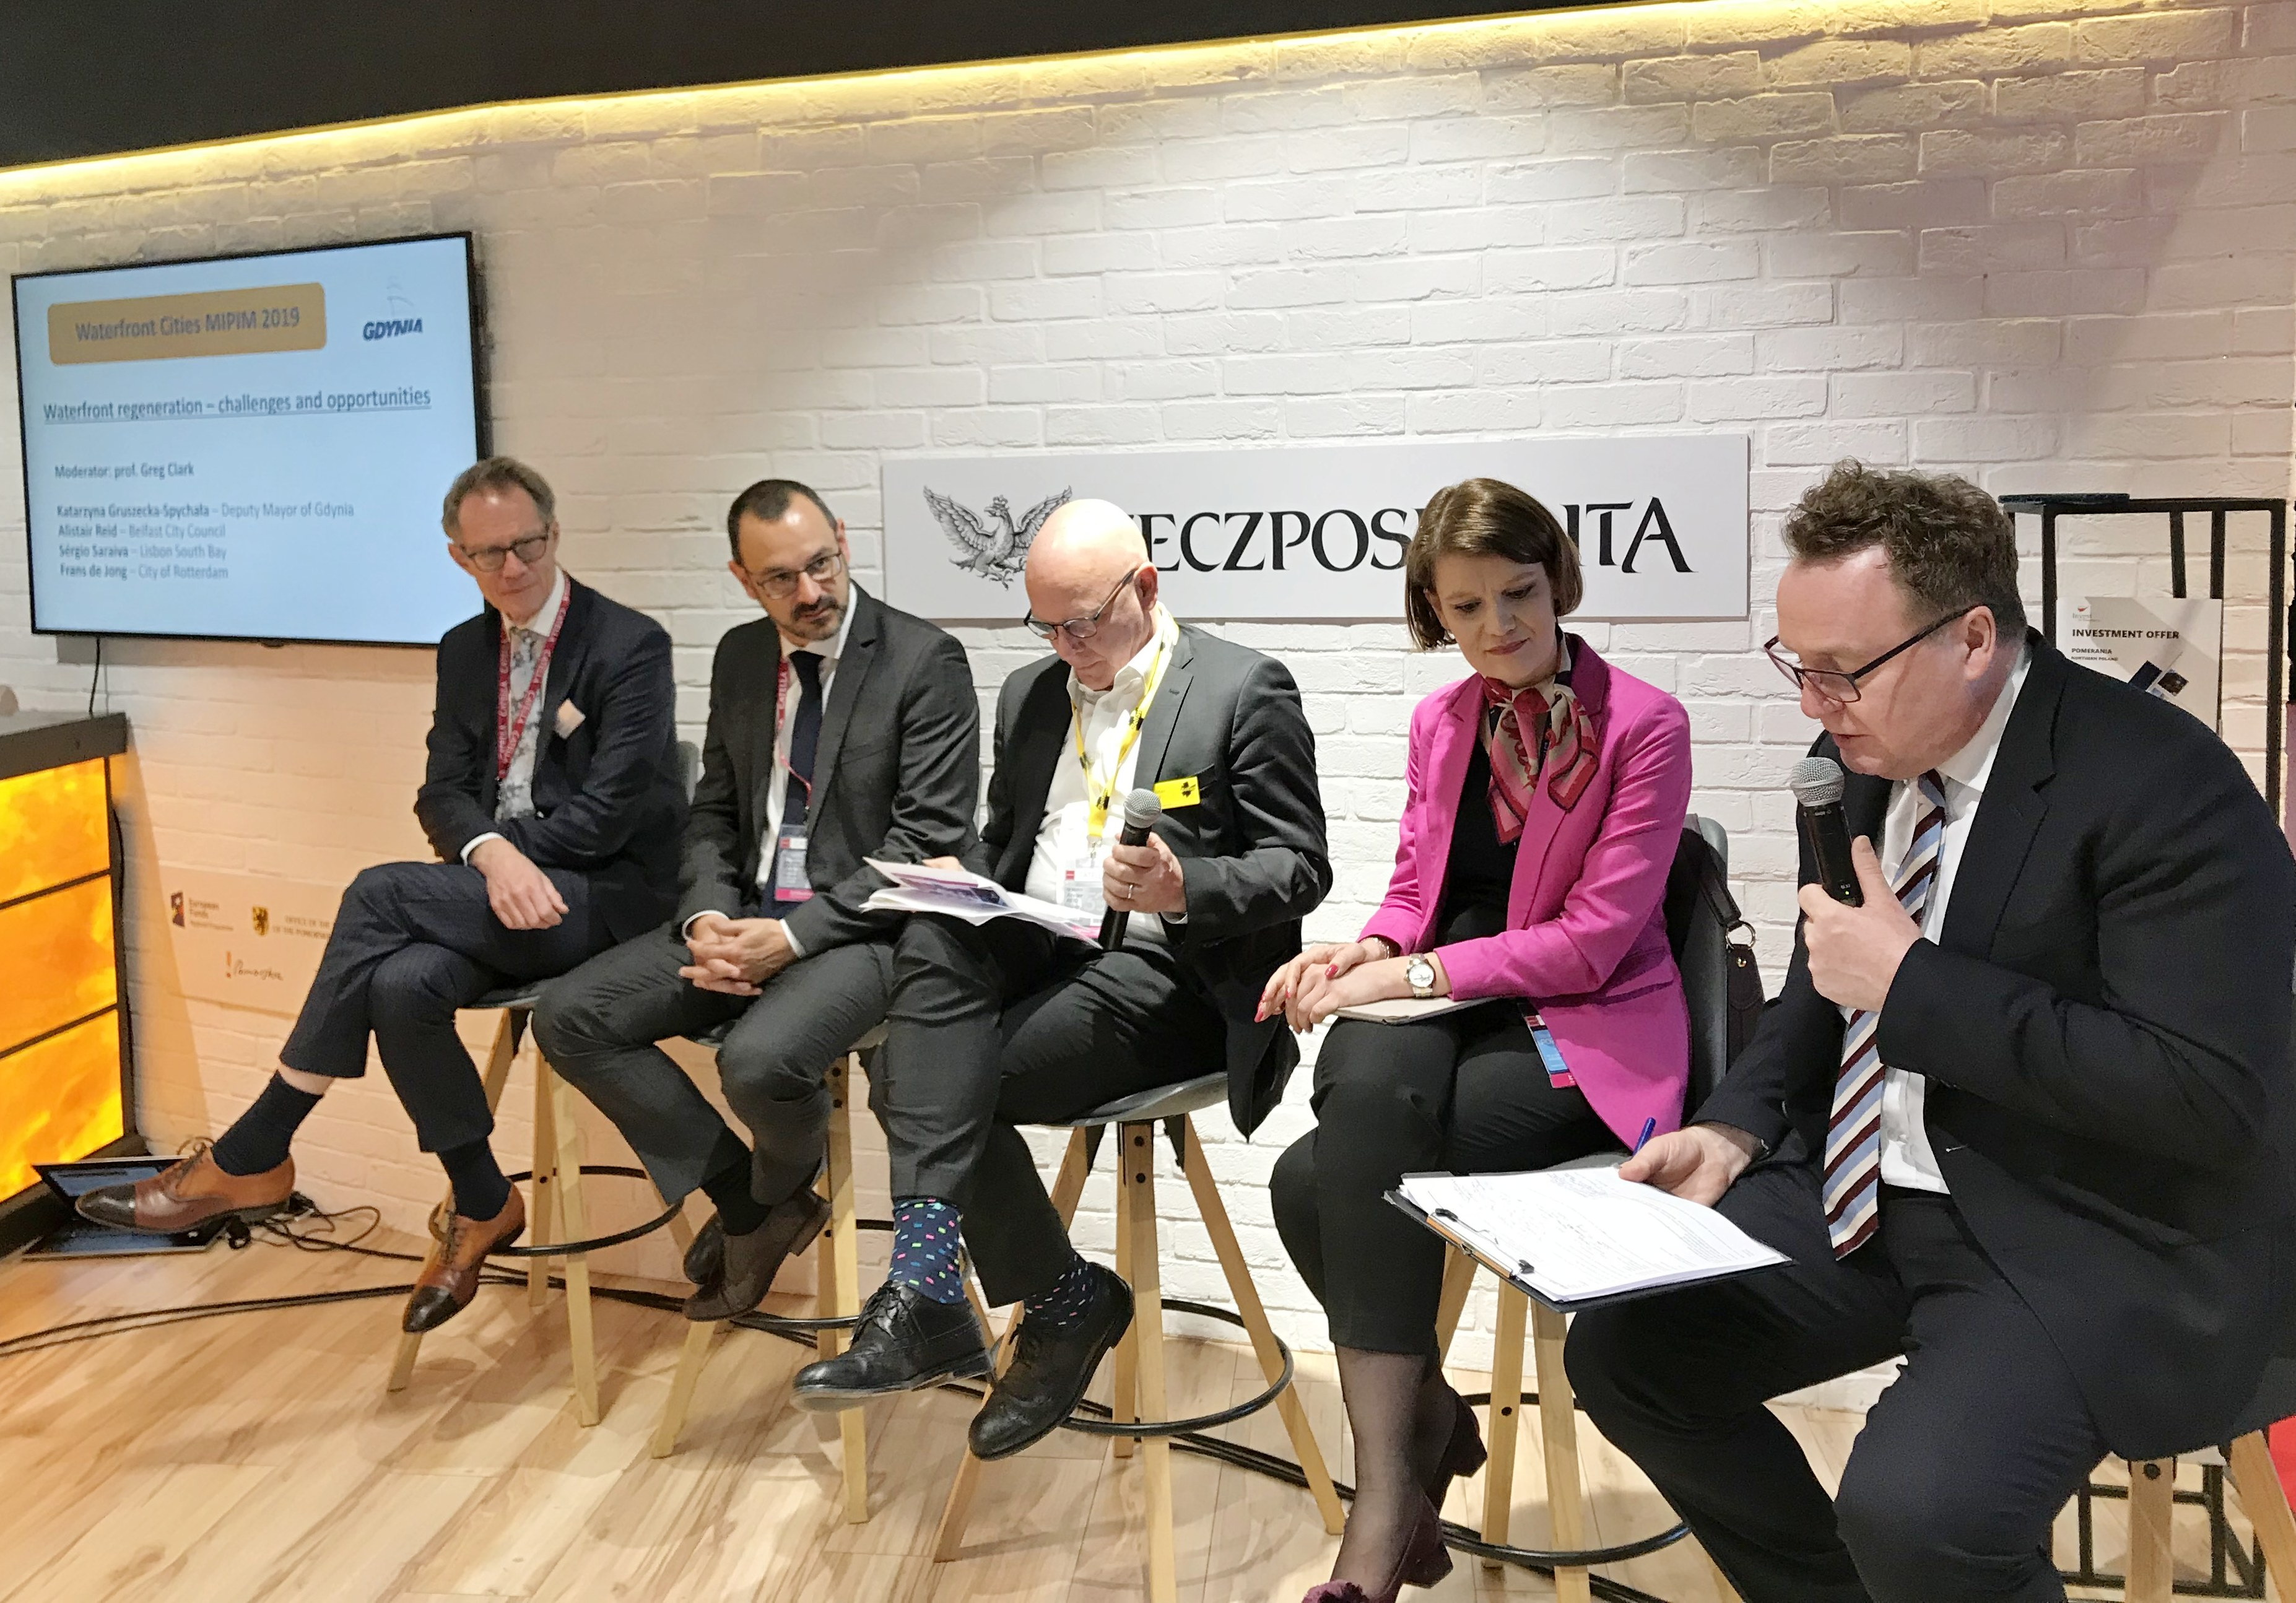 Panel dyskusyjny poświęcony waterfrontom, przemawia Katarzyna Gruszecka-Spychała, wiceprezydent Gdyni ds. gospodarki, fot. Maja Studzińska